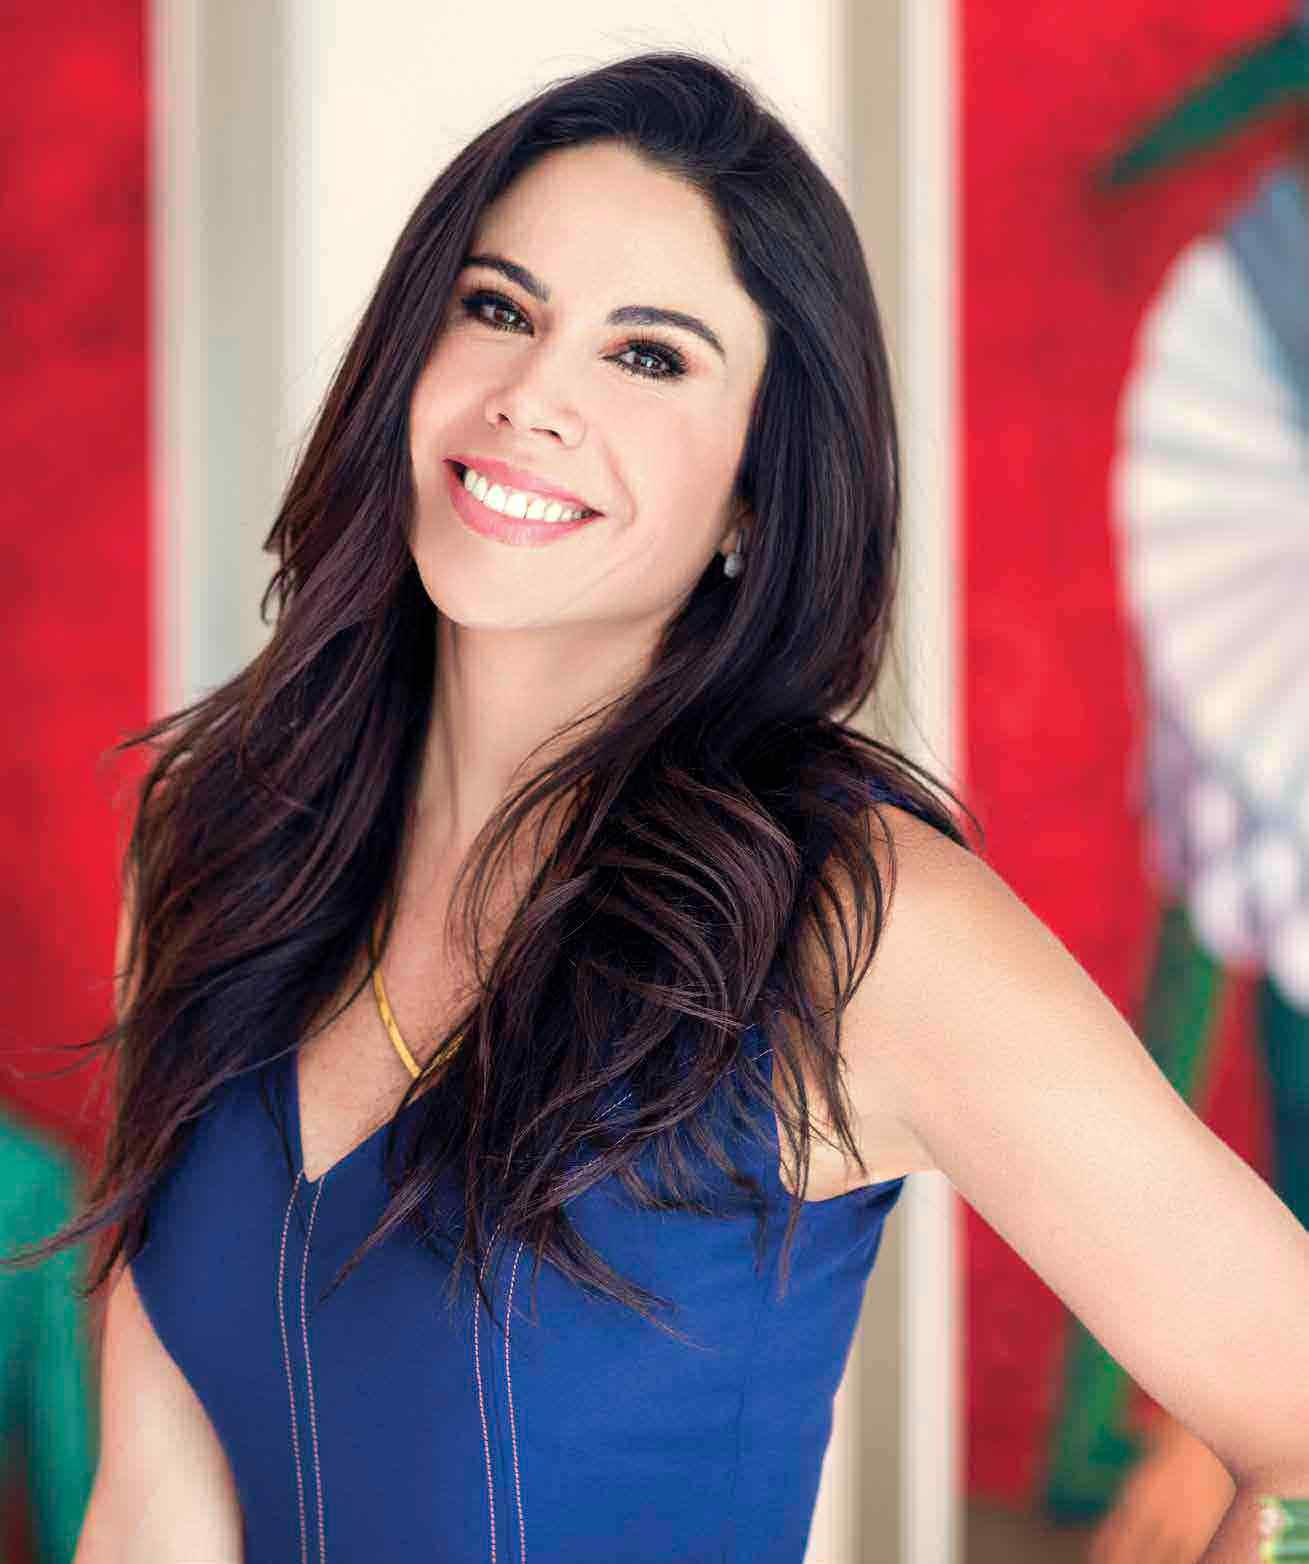 La Mujer Maravilla Mexicana Paola Rojas